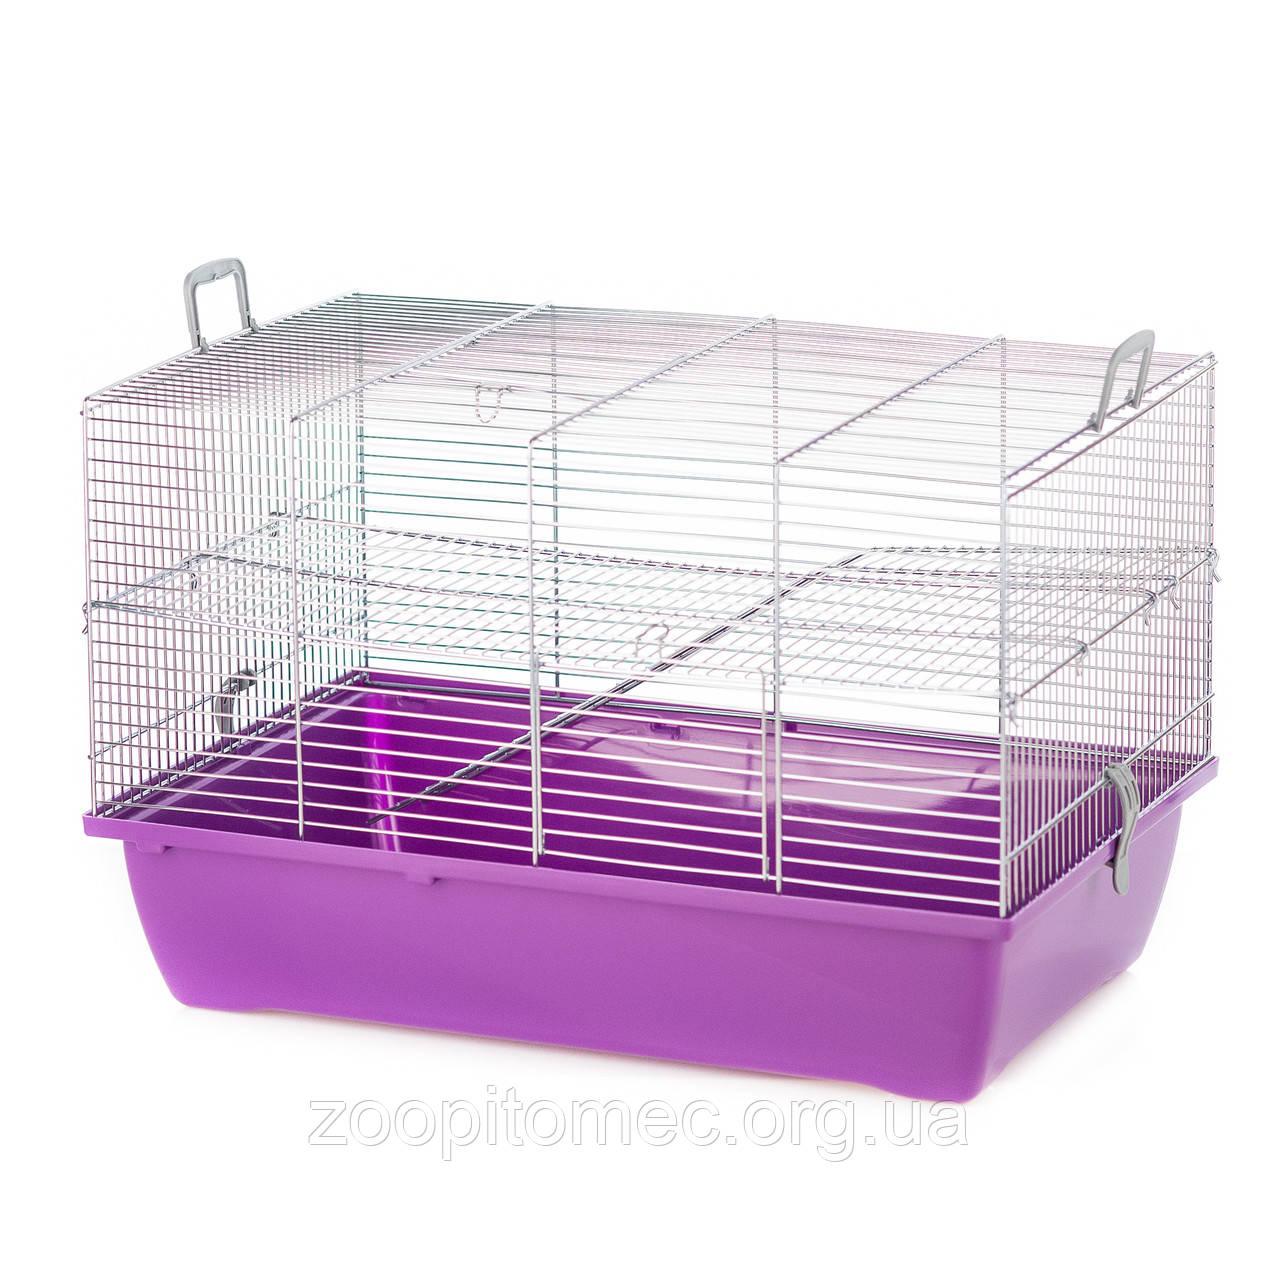 Клетка для грызунов  PINKY 2 METAL ZINC 500*330*330